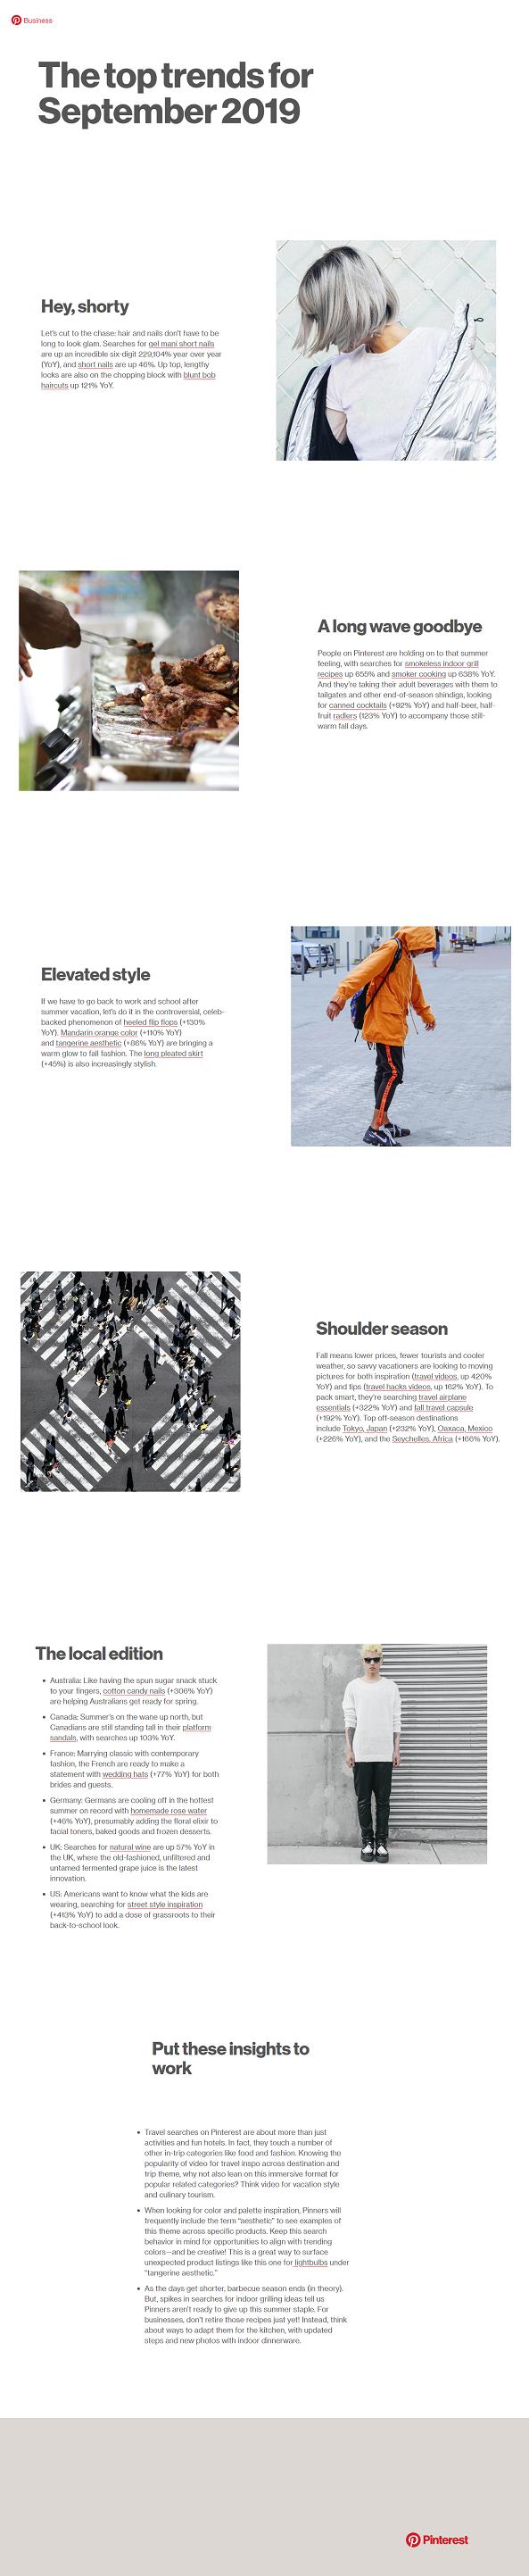 Pinterest trends - September 2019